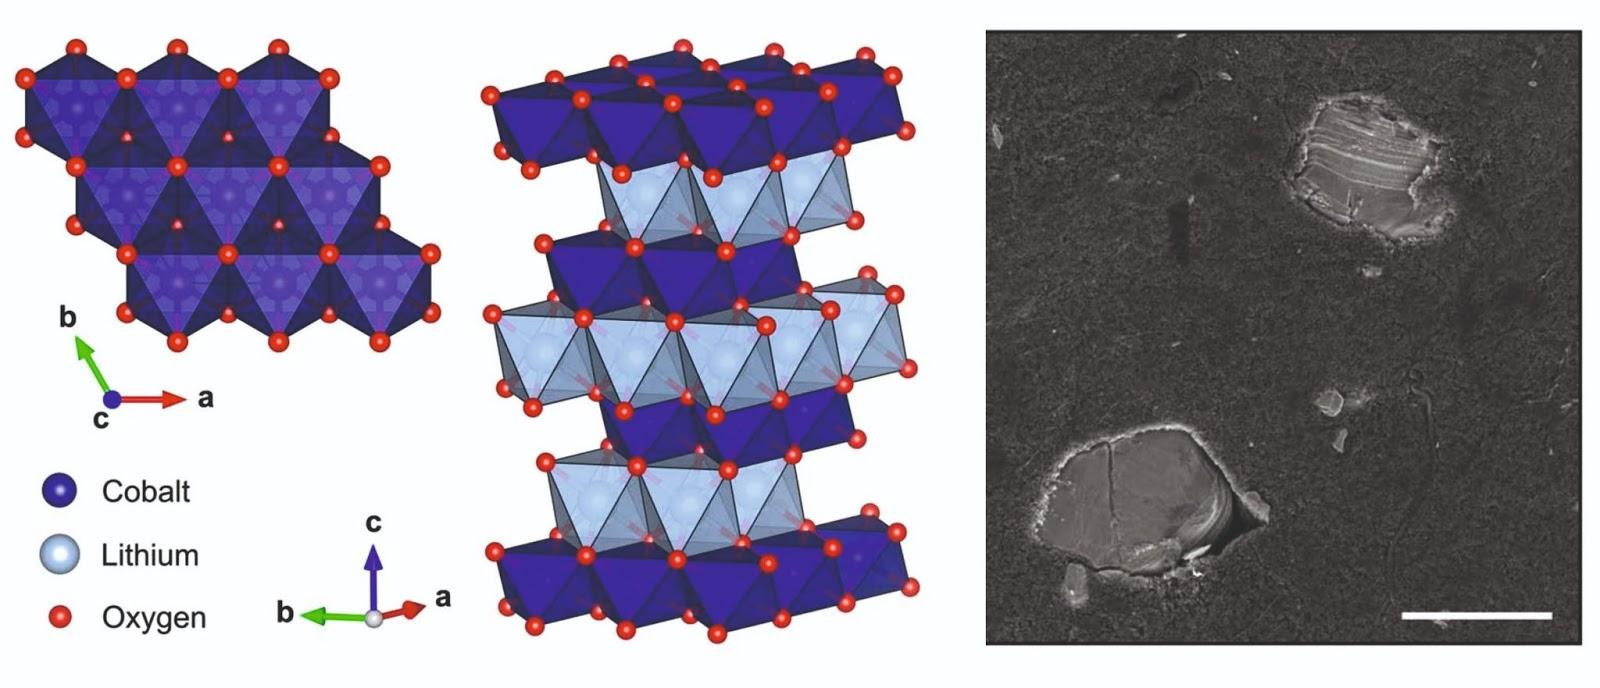 Кристаллическая решётка LCO и его частицы в электроде. Источник: Nature (2021). DOI: 10.1038/s41586-021-03584-2